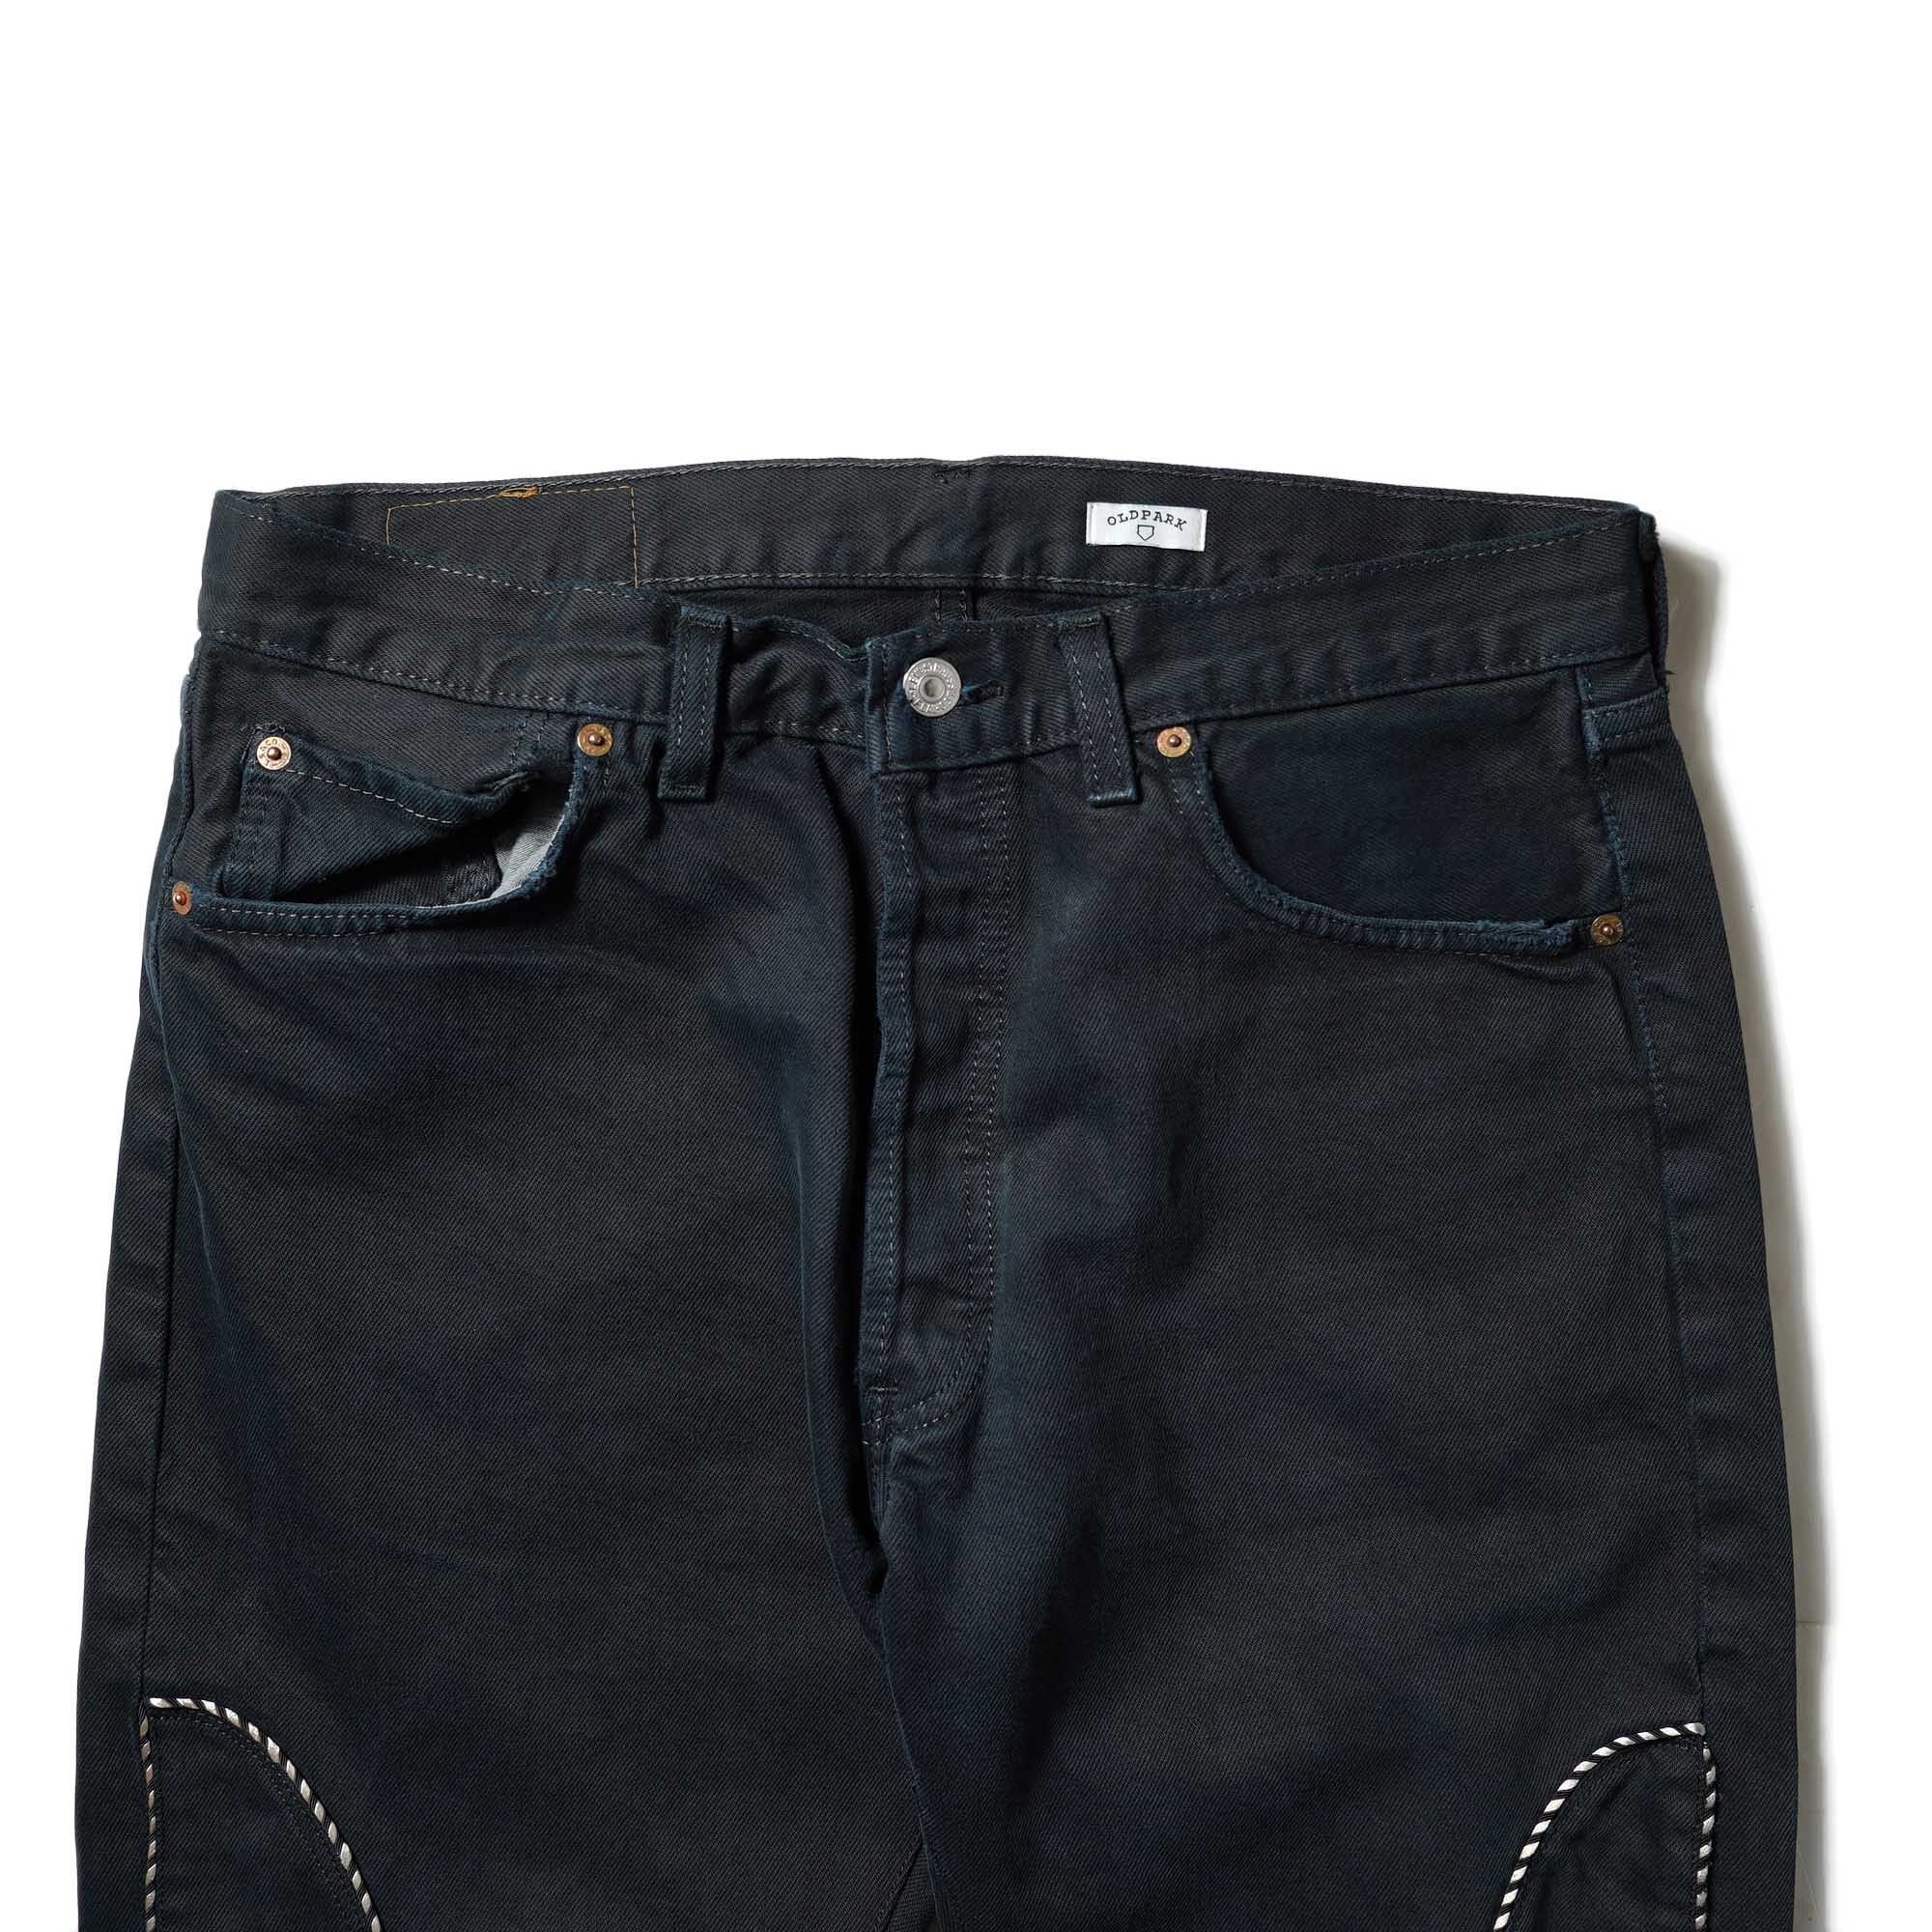 OLD PARK / Western Jeans2 Black (Lsize-A)OLD PARK / Western Jeans2 Black (Lsize-B)ウエスト